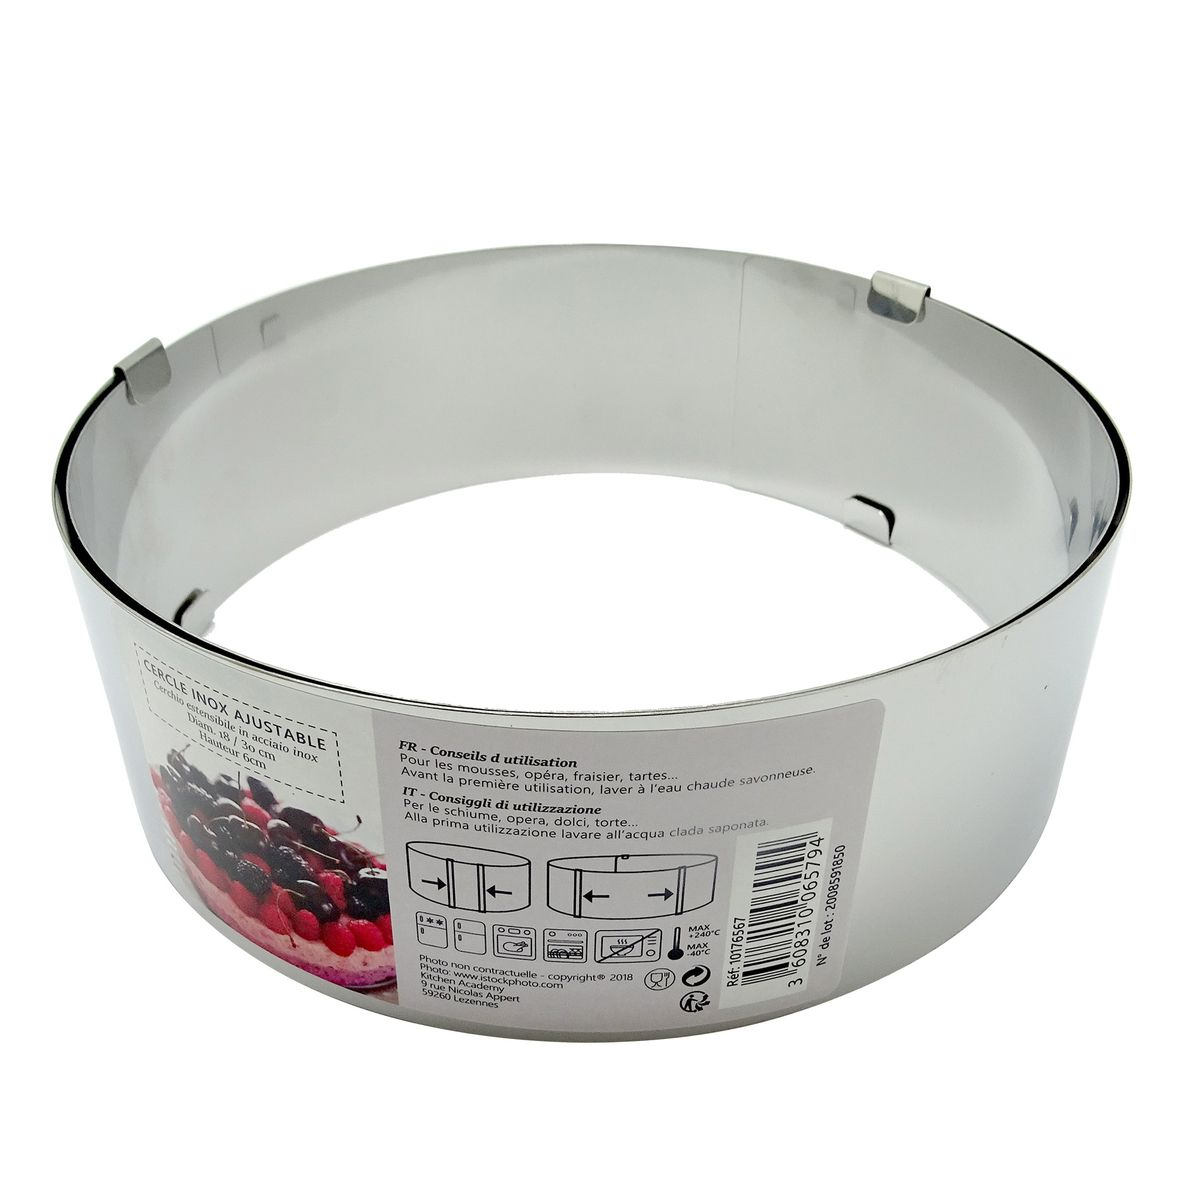 Cercle à pâtisserie extensible en inox de 8 à 16 cm hauteur 8 cm - Zodio